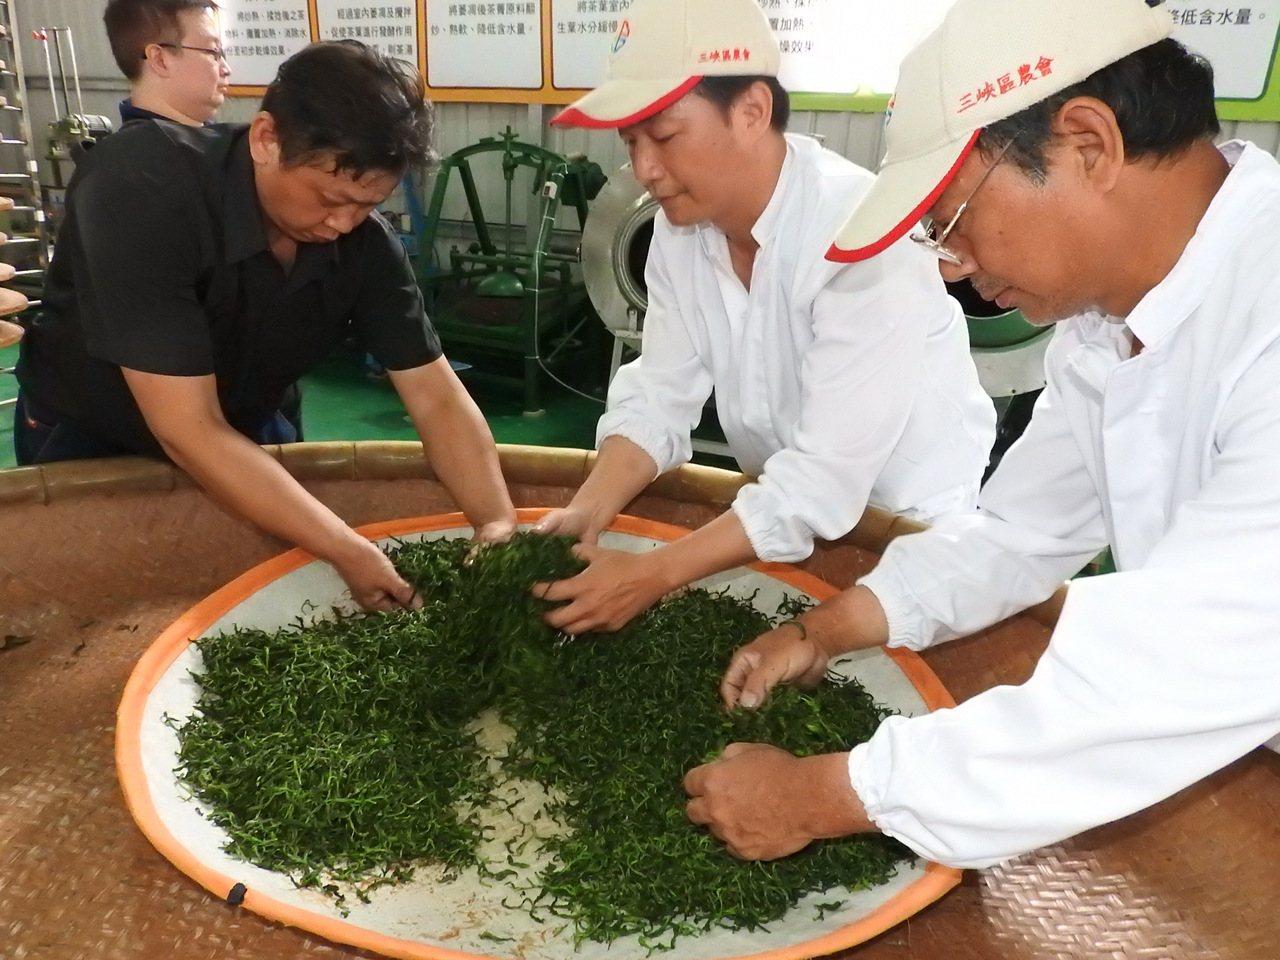 新北市三峽小暗坑6名茶農,5年多前轉型有機,更進一步結合當地螢火蟲生態,今天發表...